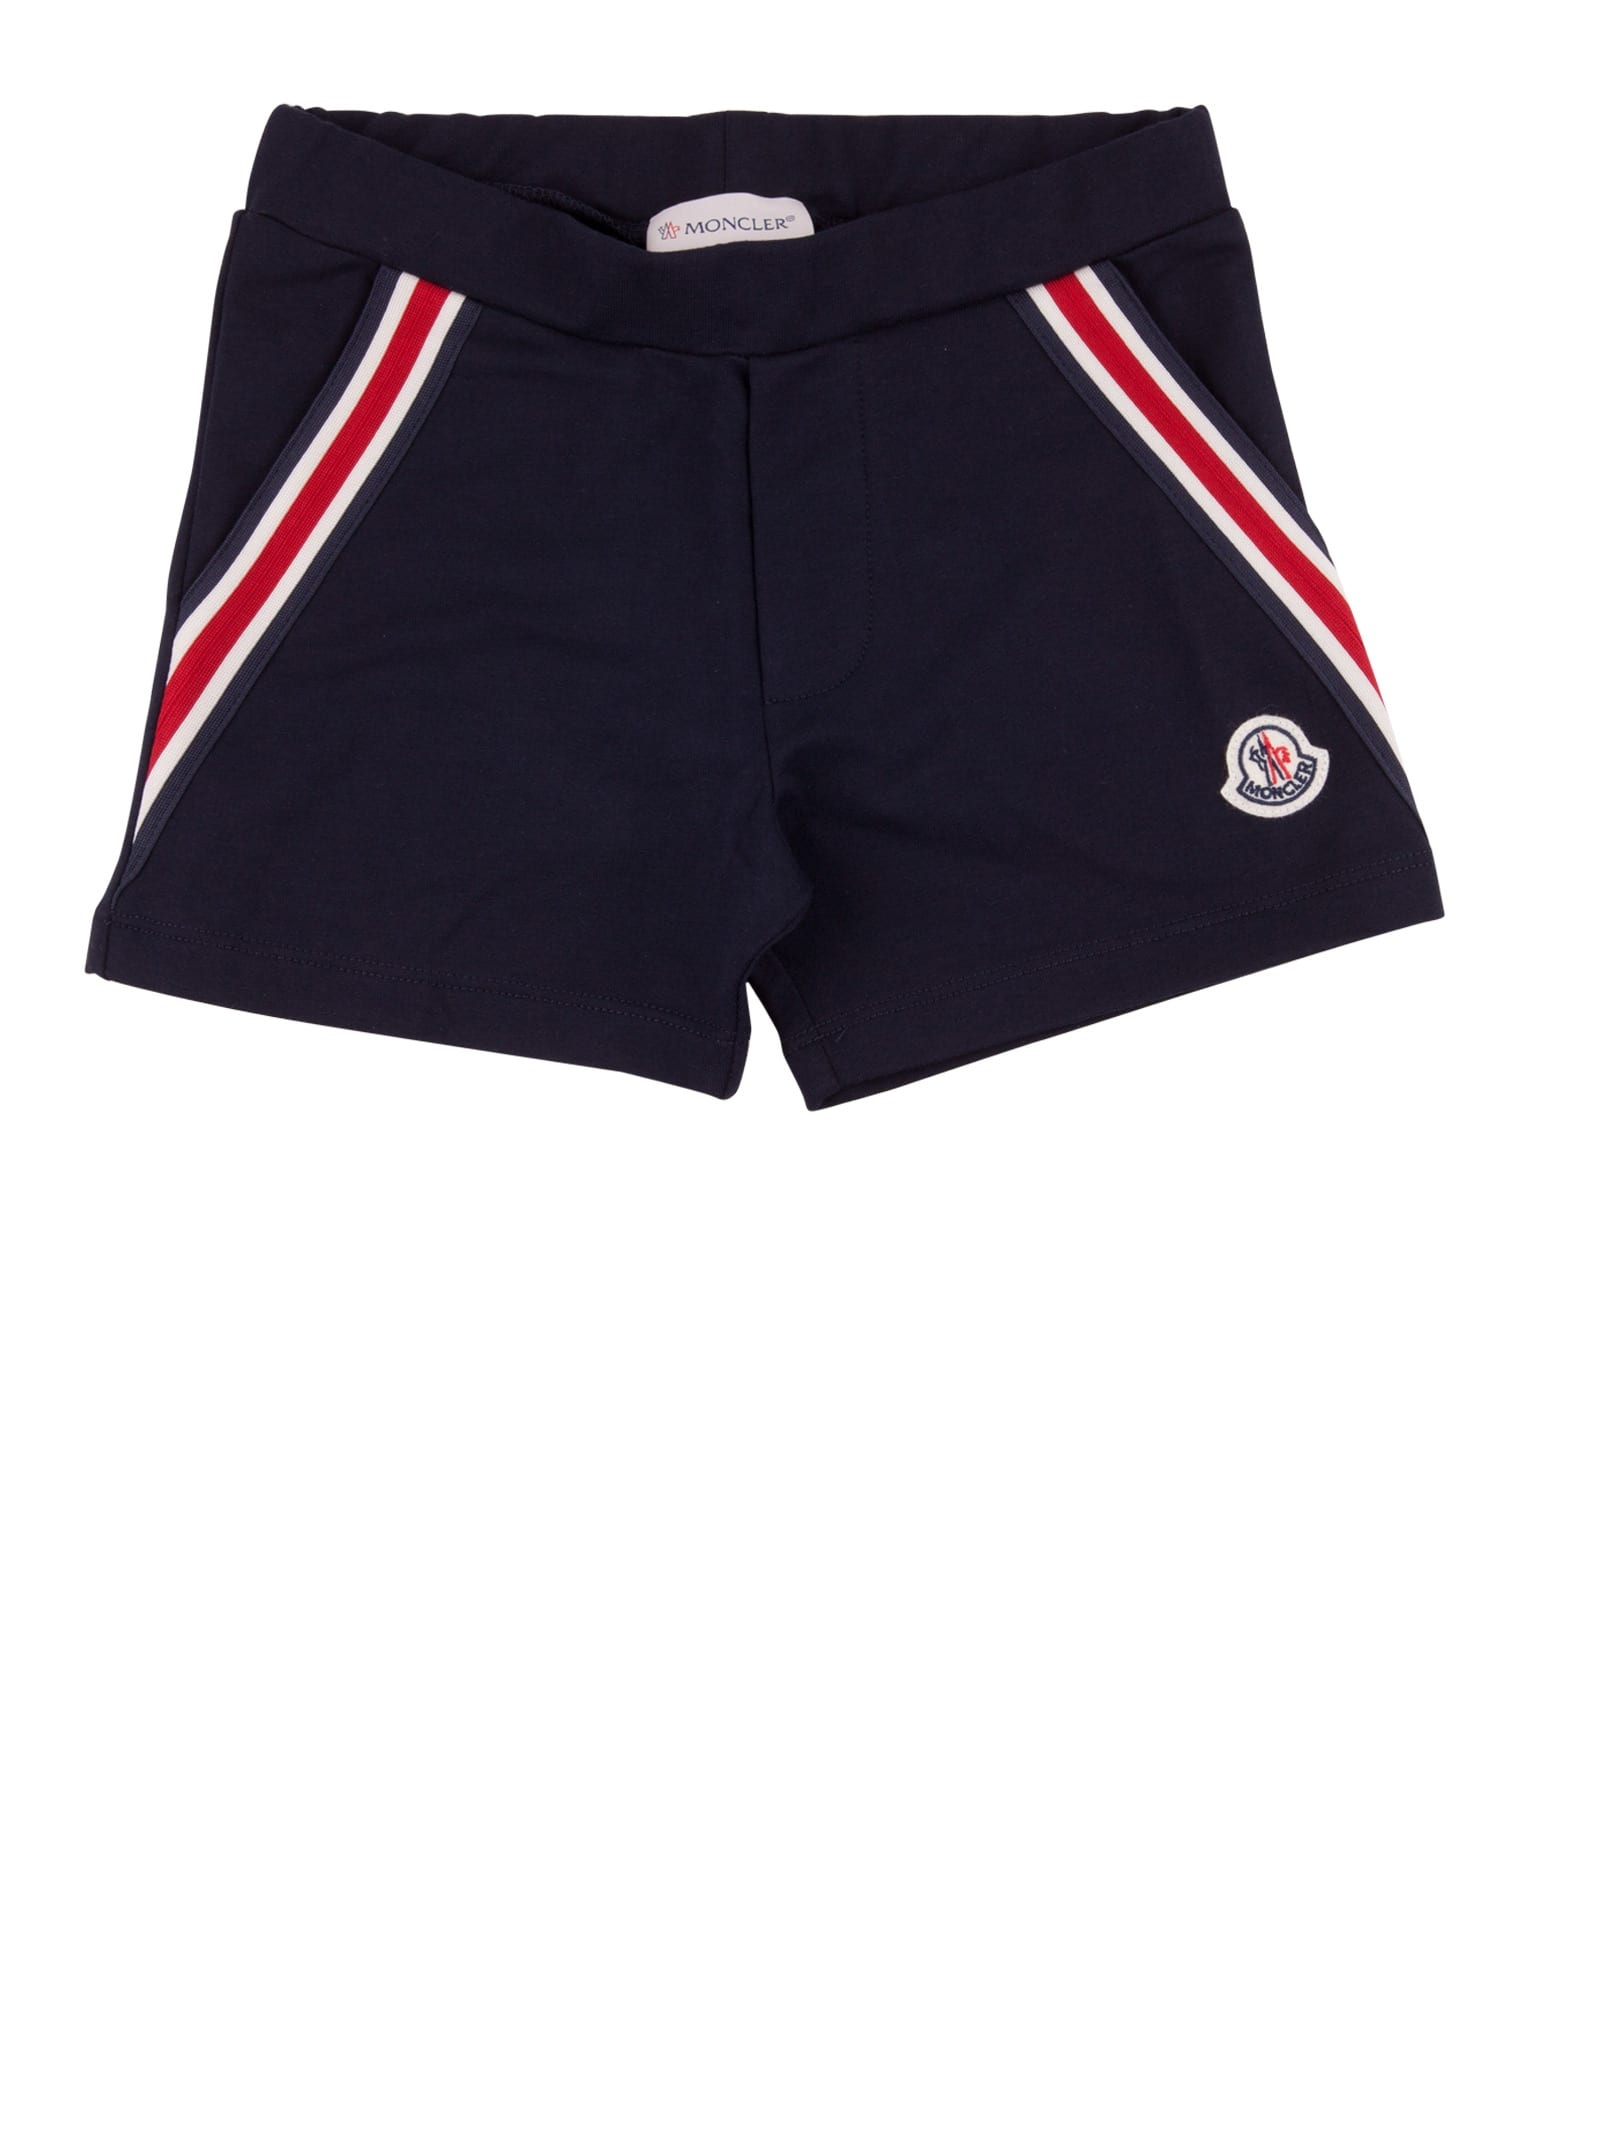 d8f5e26de Moncler Kids Shorts